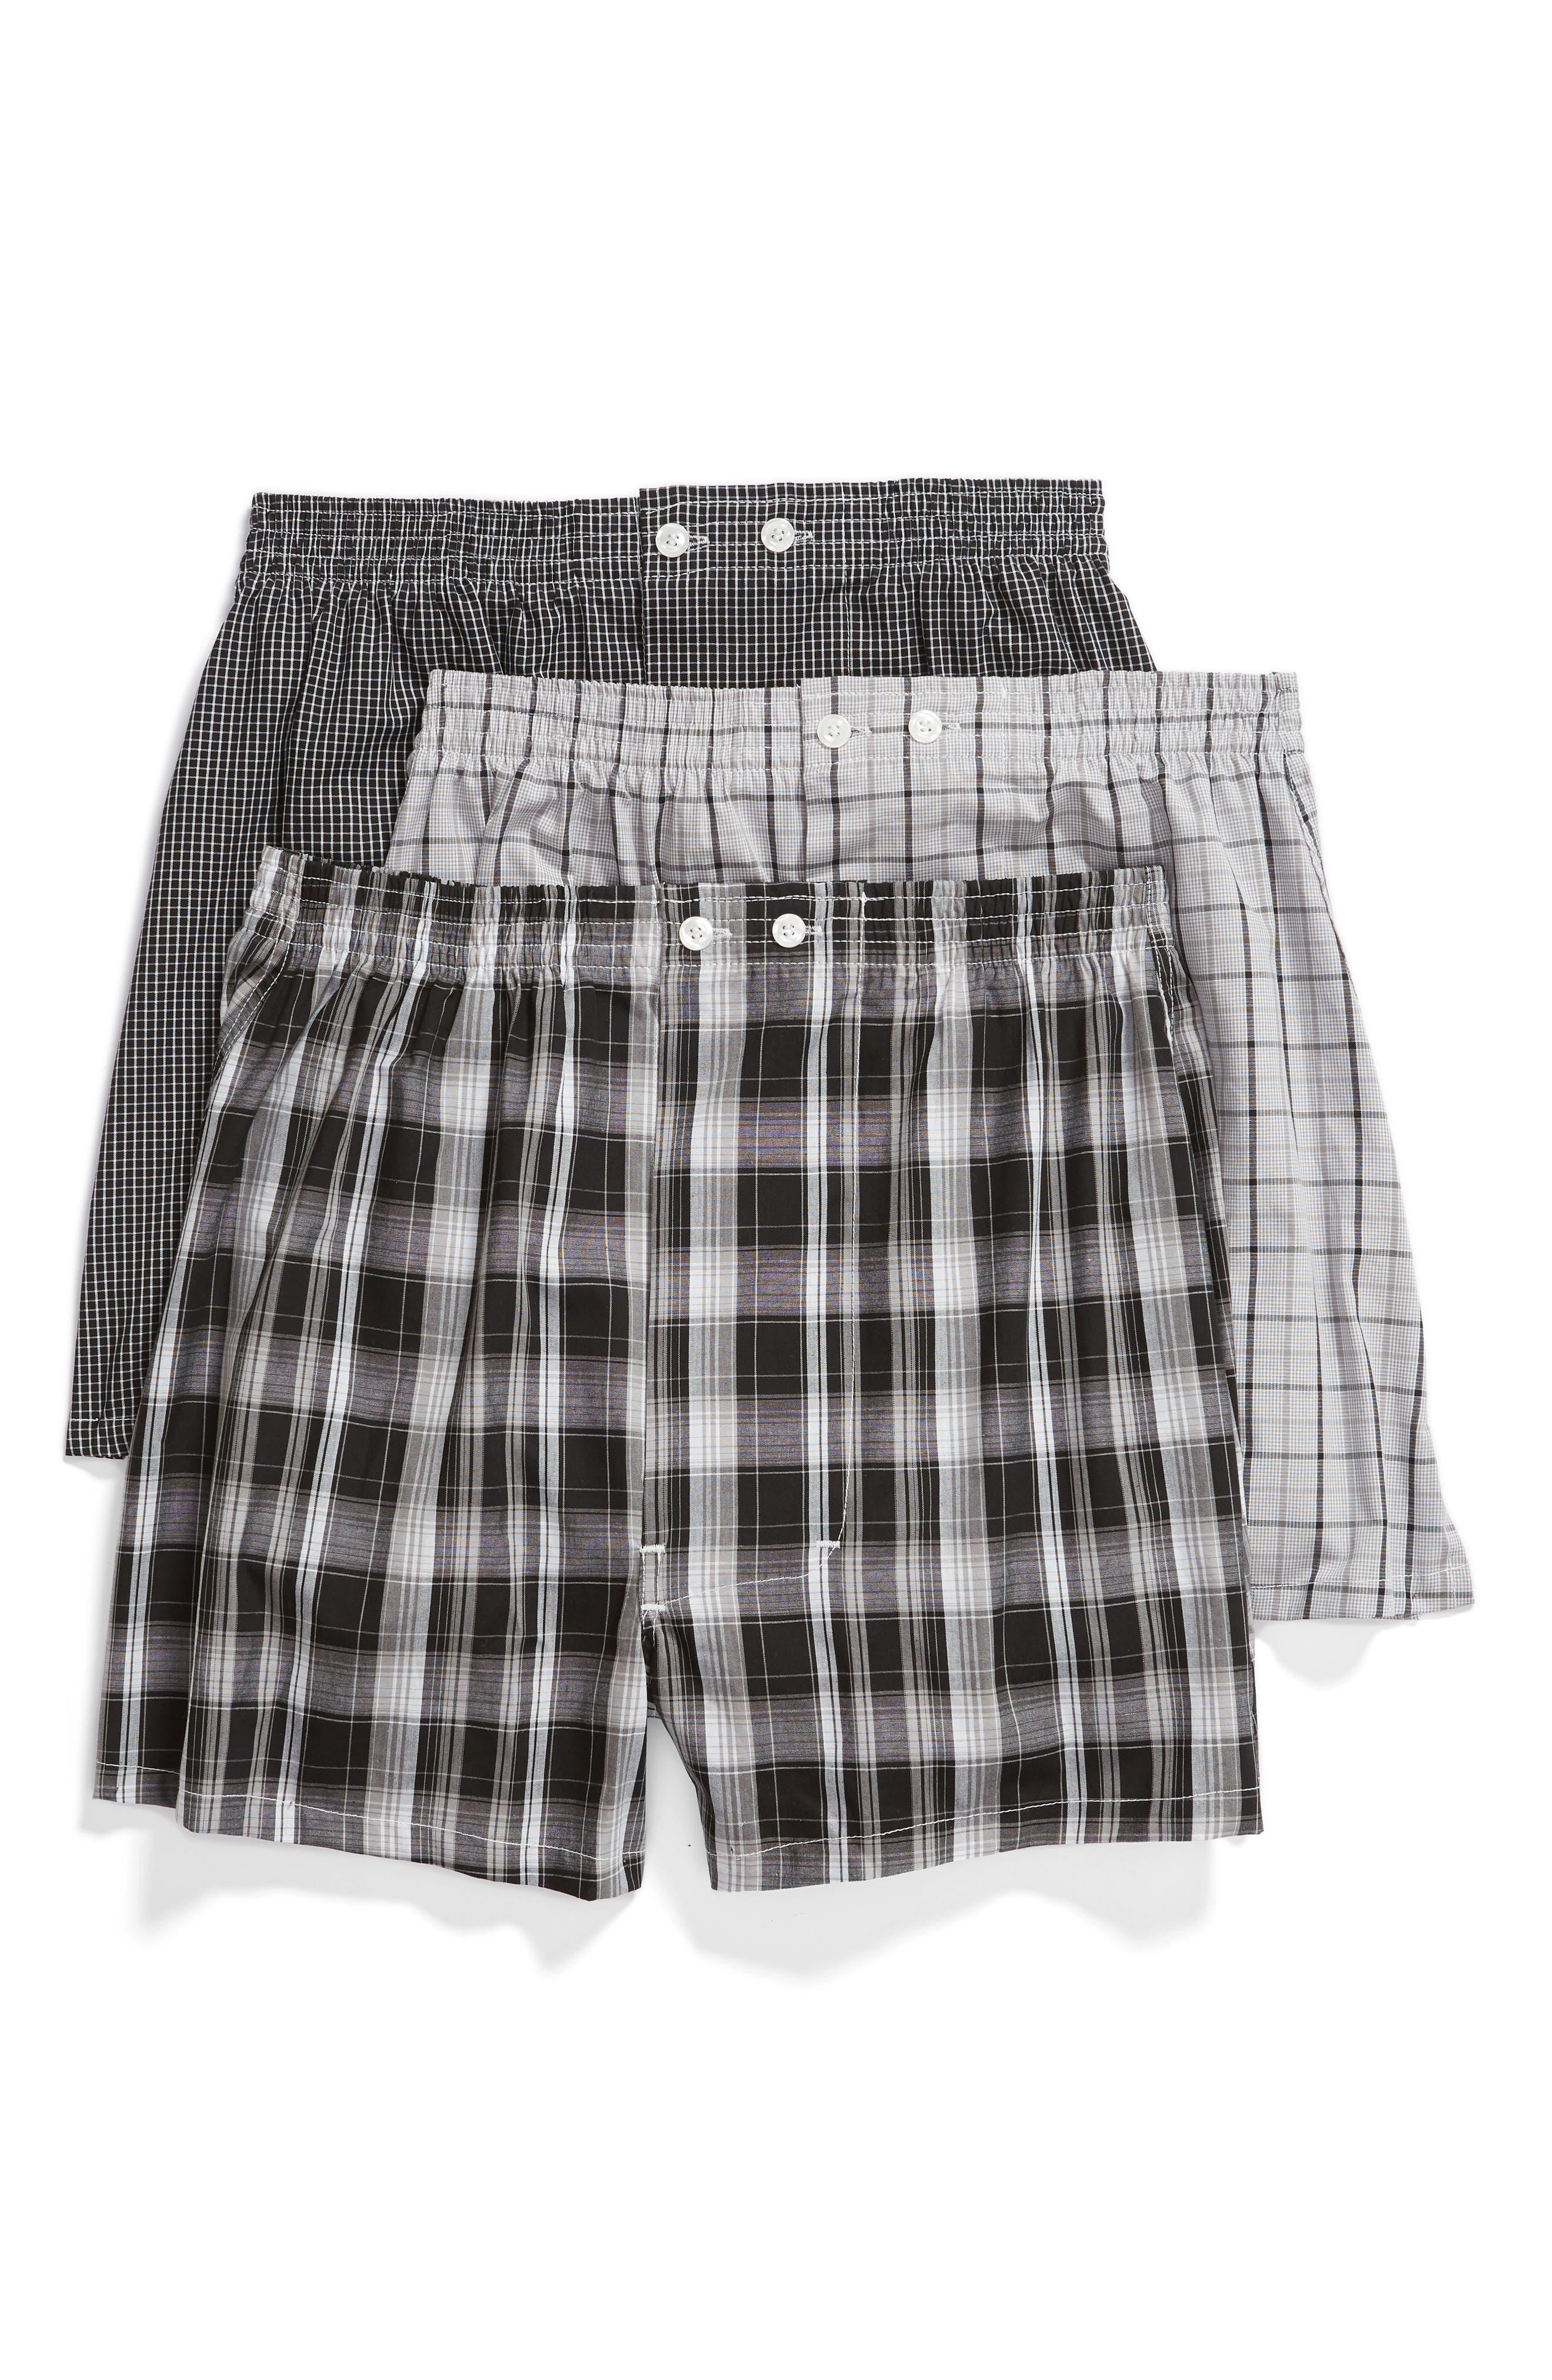 NORDSTROM MEN'S SHOP 3-Pack Classic Fit Boxers, Main, color, BLACK- WHITE PLAID PACK